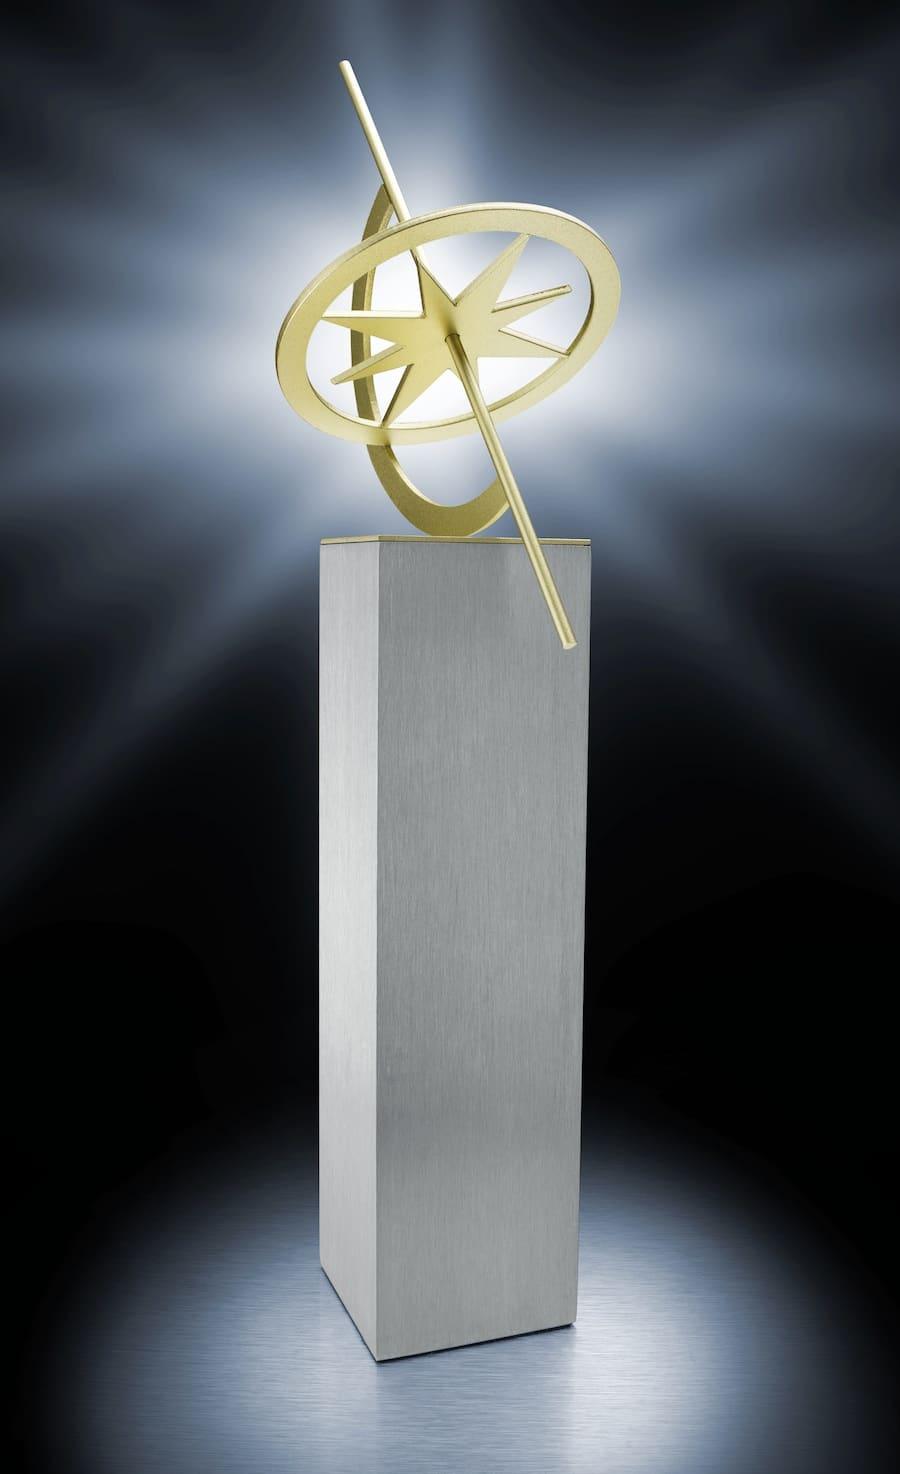 Die Nominierung zu den Watchstars 2016 hat bereits begonnen.